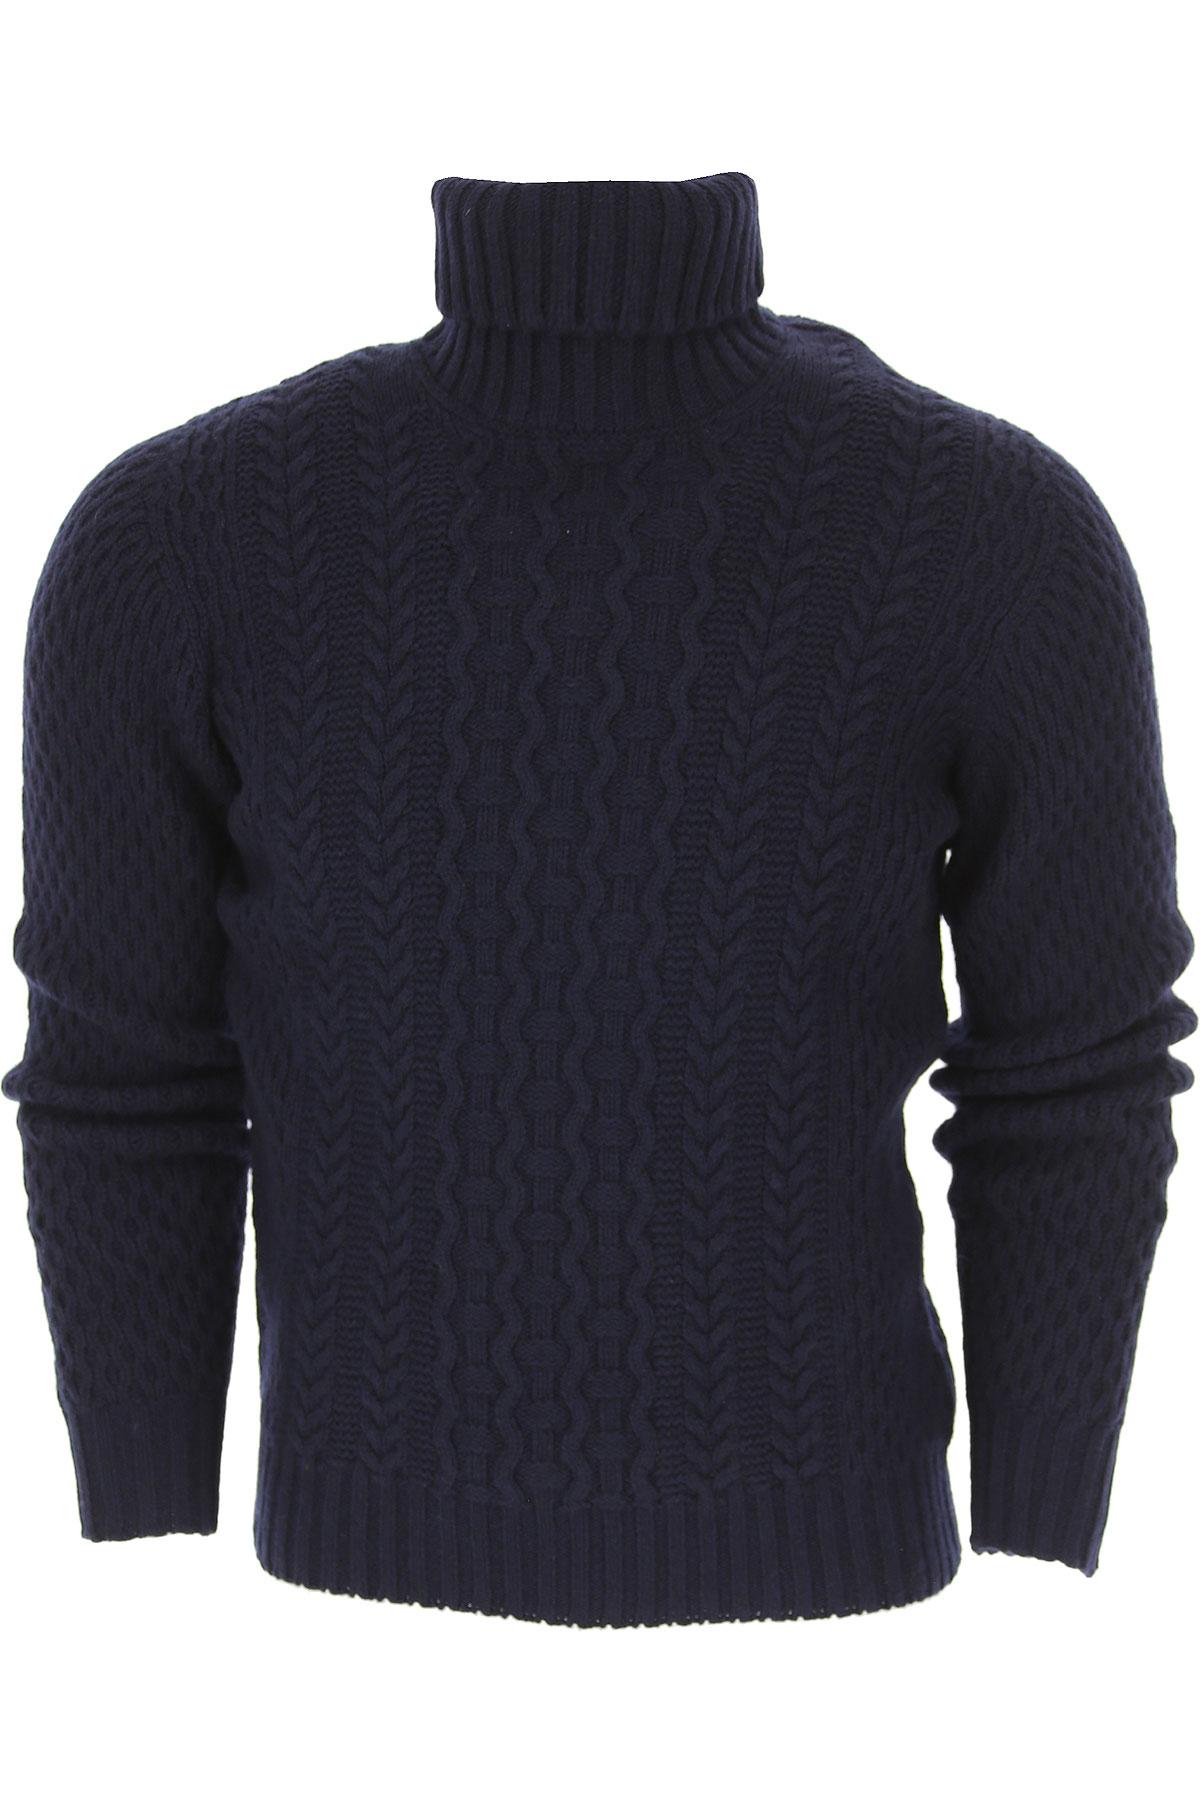 Image of Drumohr Sweater for Men Jumper, Dark Blue, Wool, 2017, L M S XL